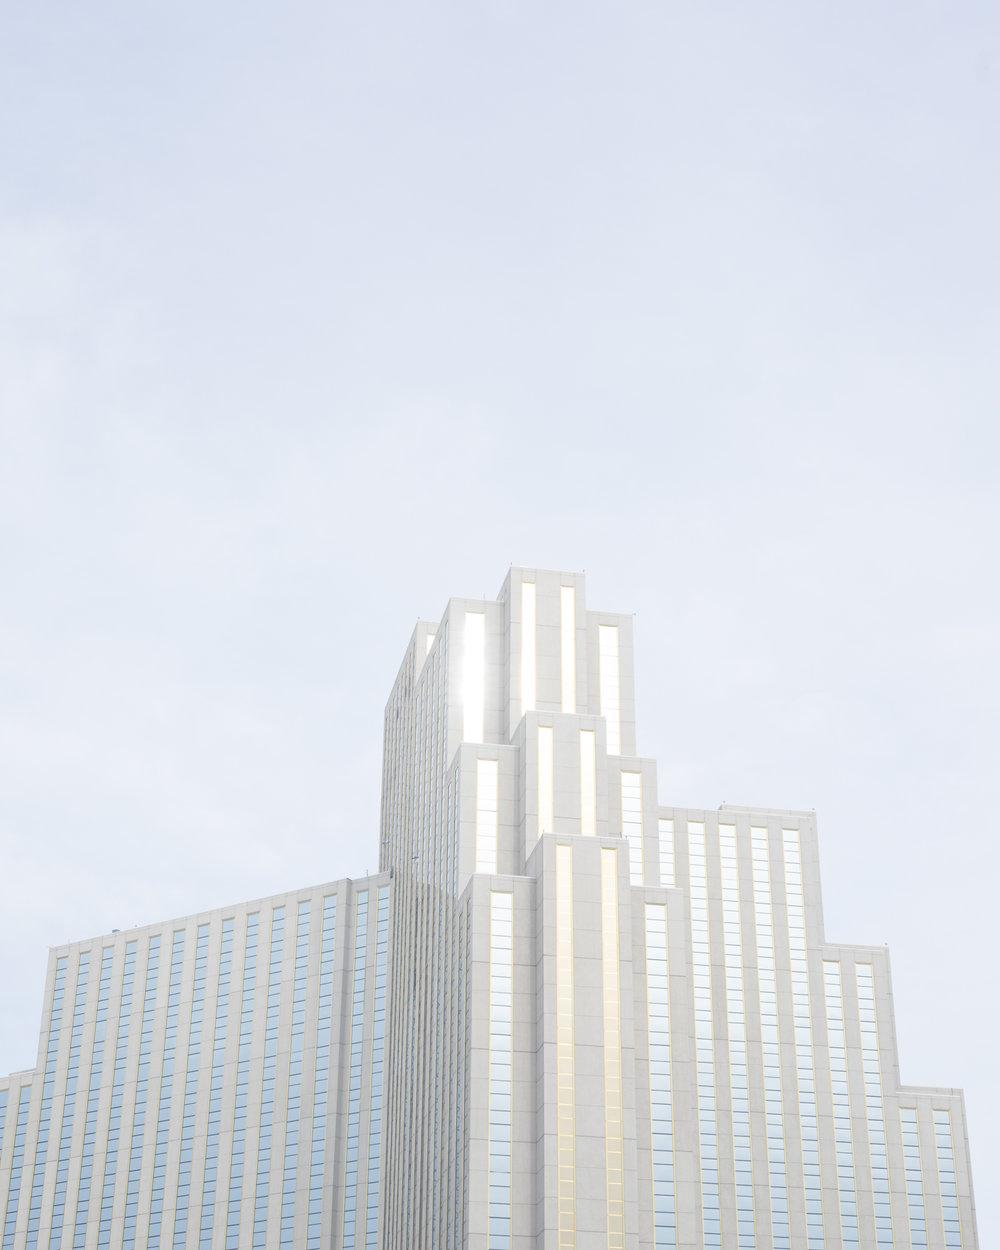 Silver Building